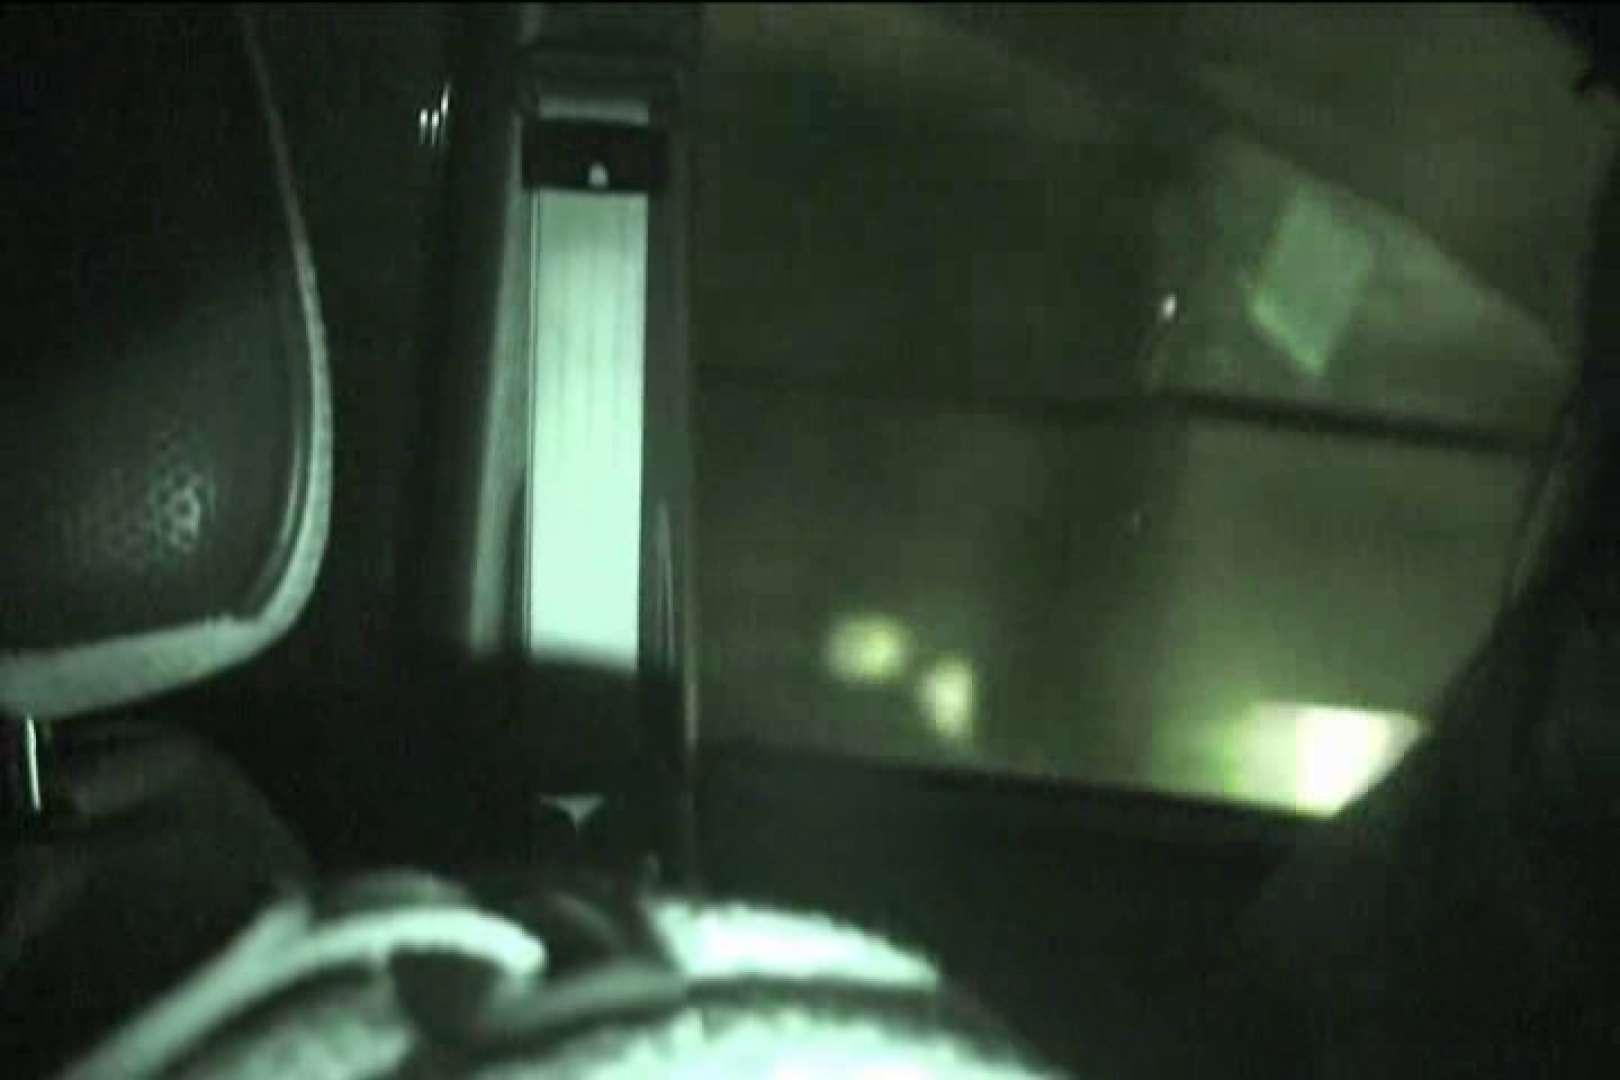 車内で初めまして! vol03 0  91pic 18